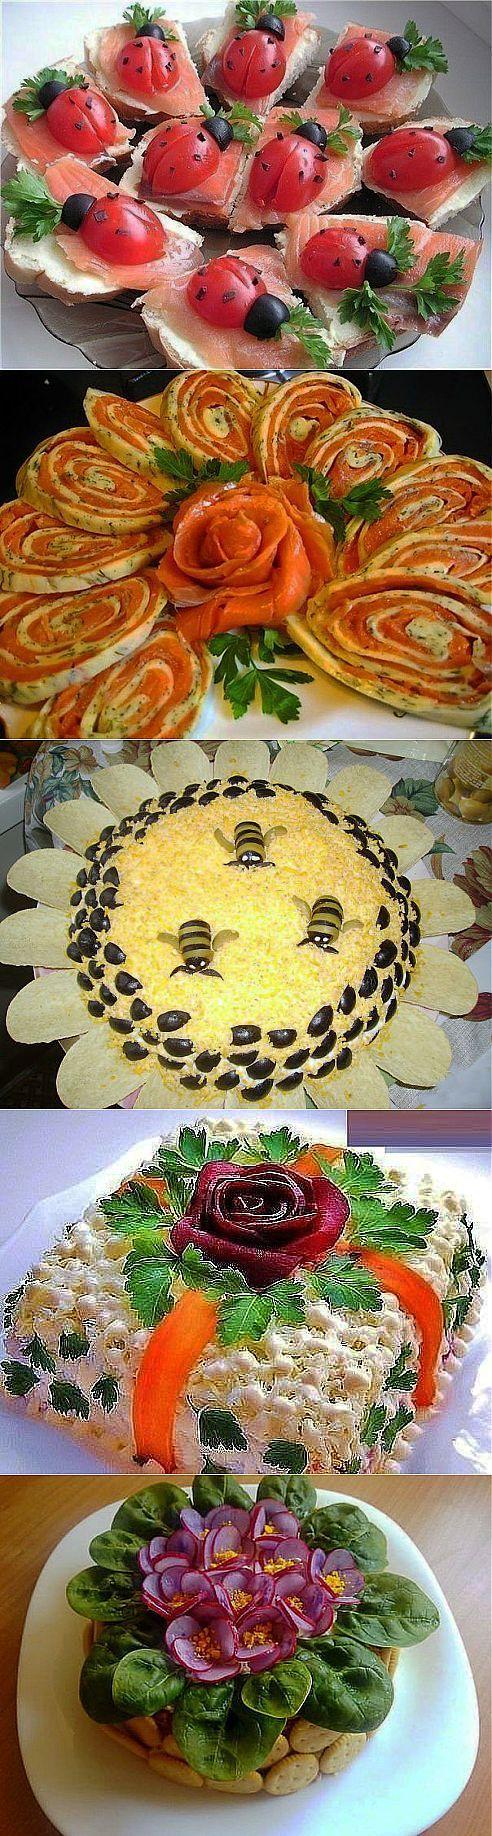 Креатив на кухне: интересные идеи для оформления блюд, салатов и бутербродов.